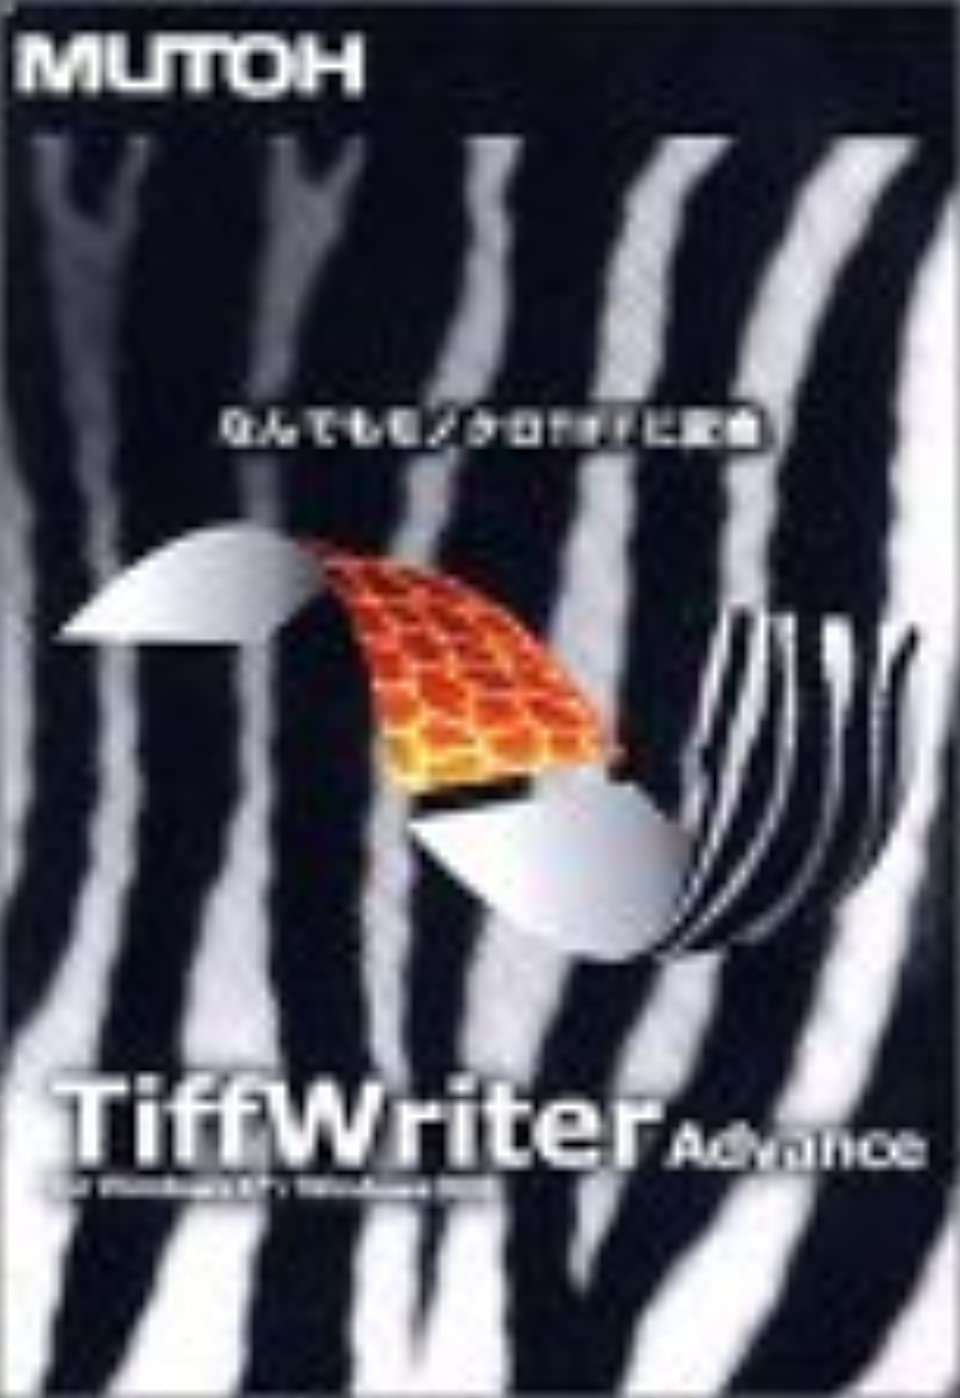 階コミュニティ遺産TiffWriter Advance